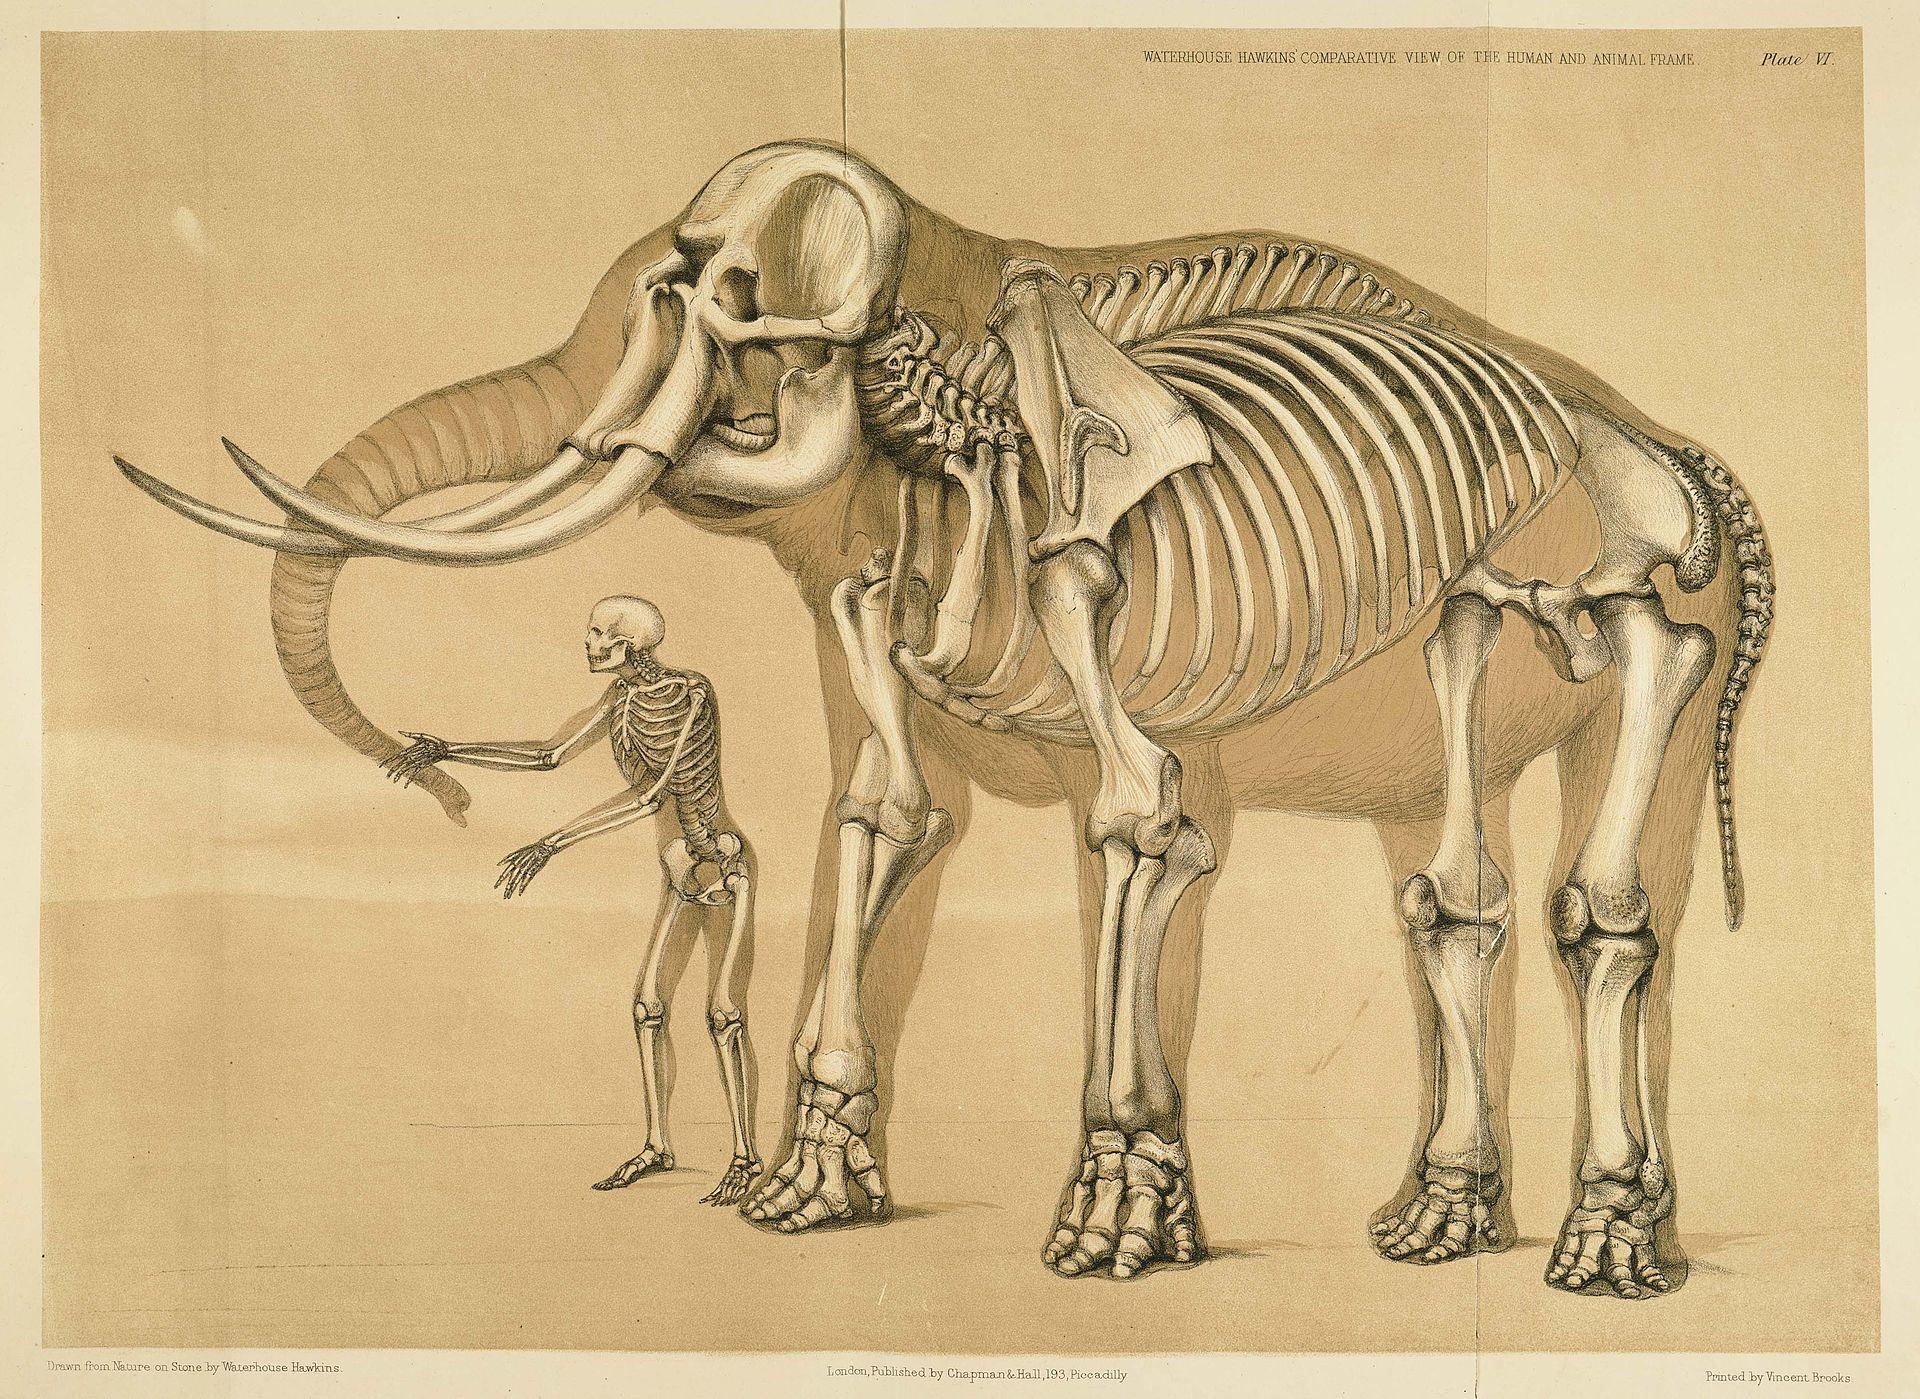 Porovnání kostry člověka a slona afrického, největšího suchozemského tvora současnosti. Přímá pozorování potvrdila, že tito obří chobotnatci dokážou vyvinout rychlost až přes 25 km/h. To přibližně odpovídá maximální rychlosti běhu netrénovaného, prům